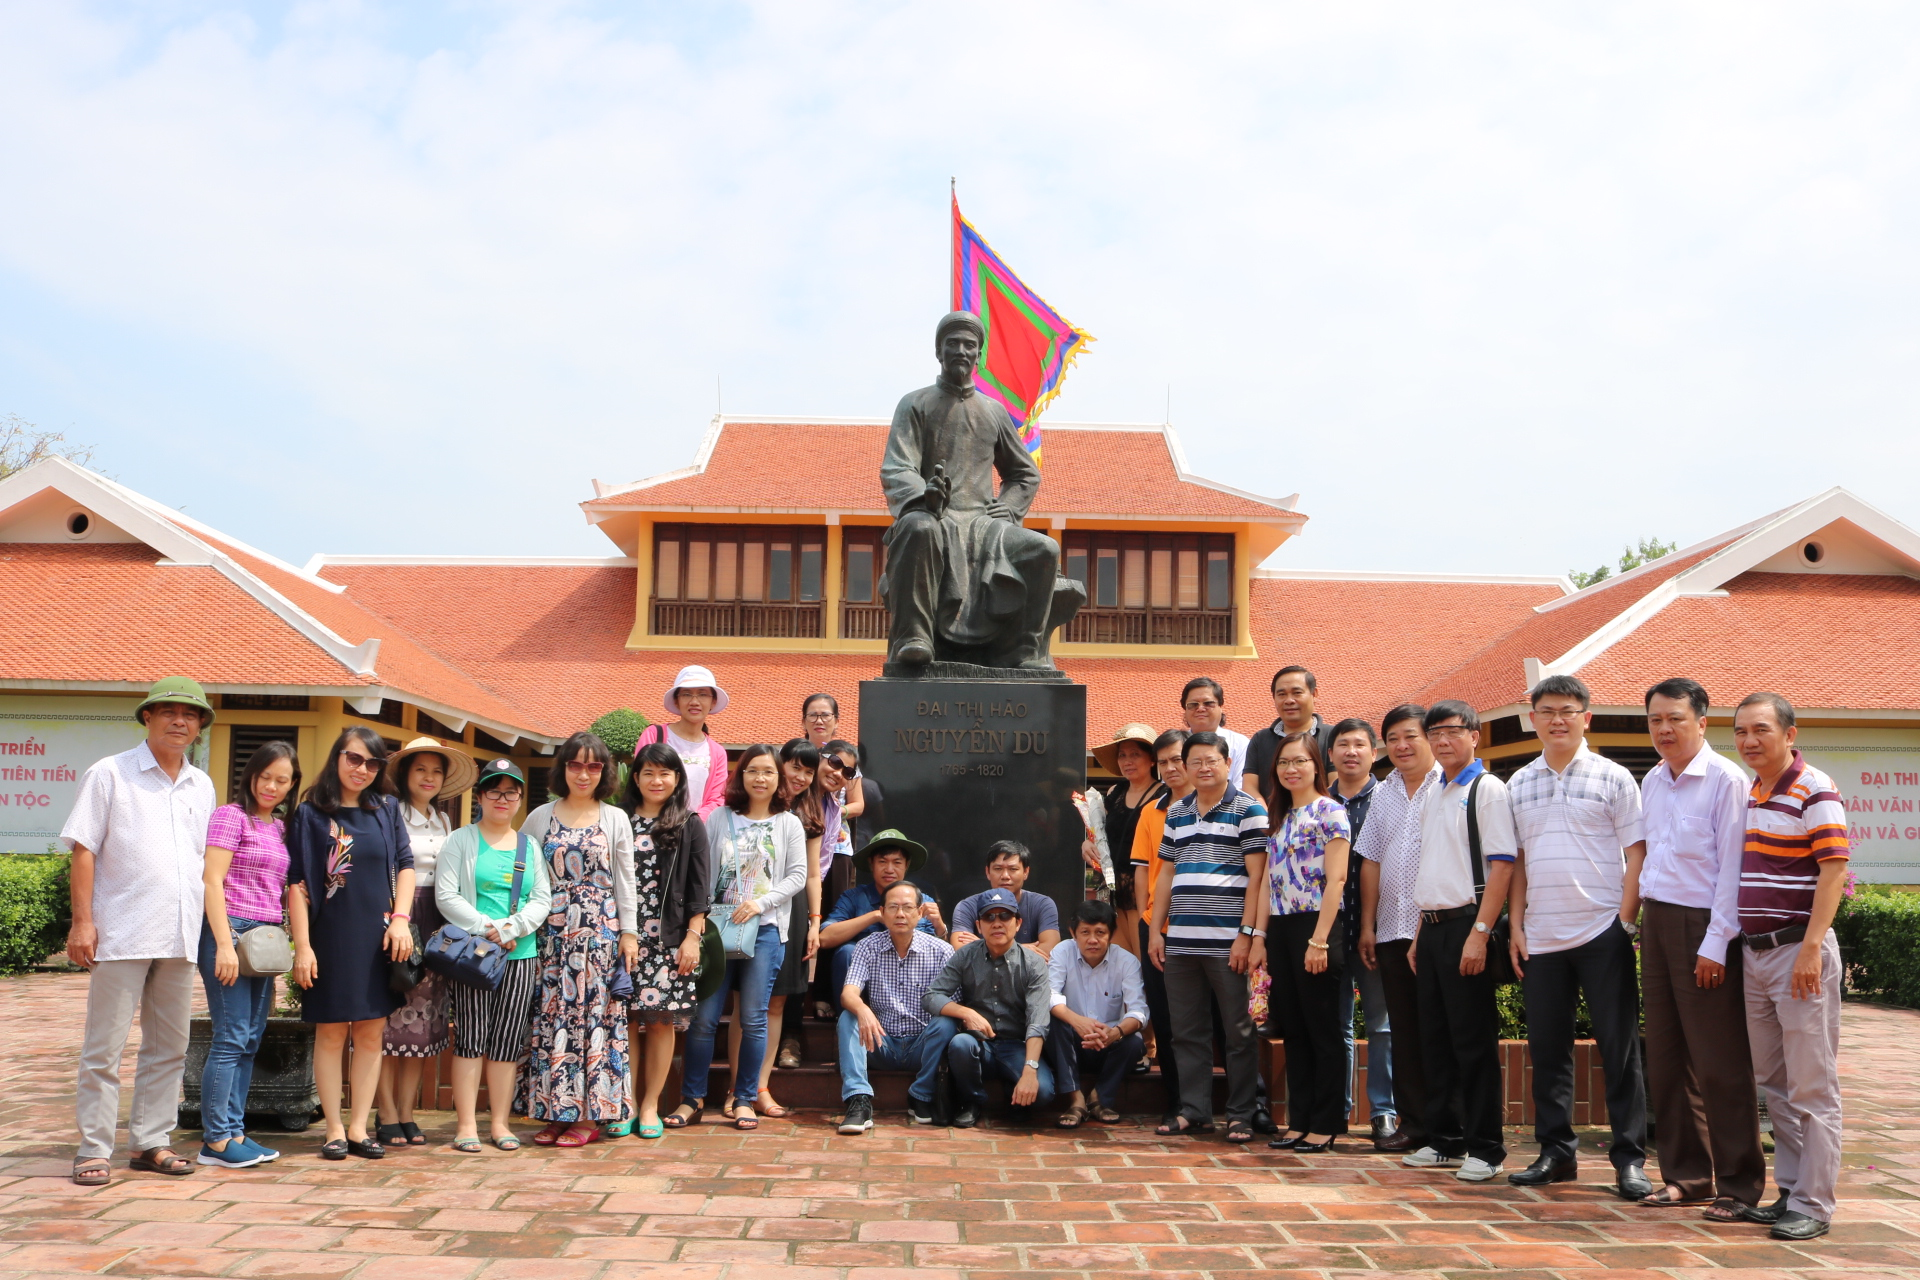 Đoàn thăm nhà lưu niệm Đại thi hào Nguyễn Du